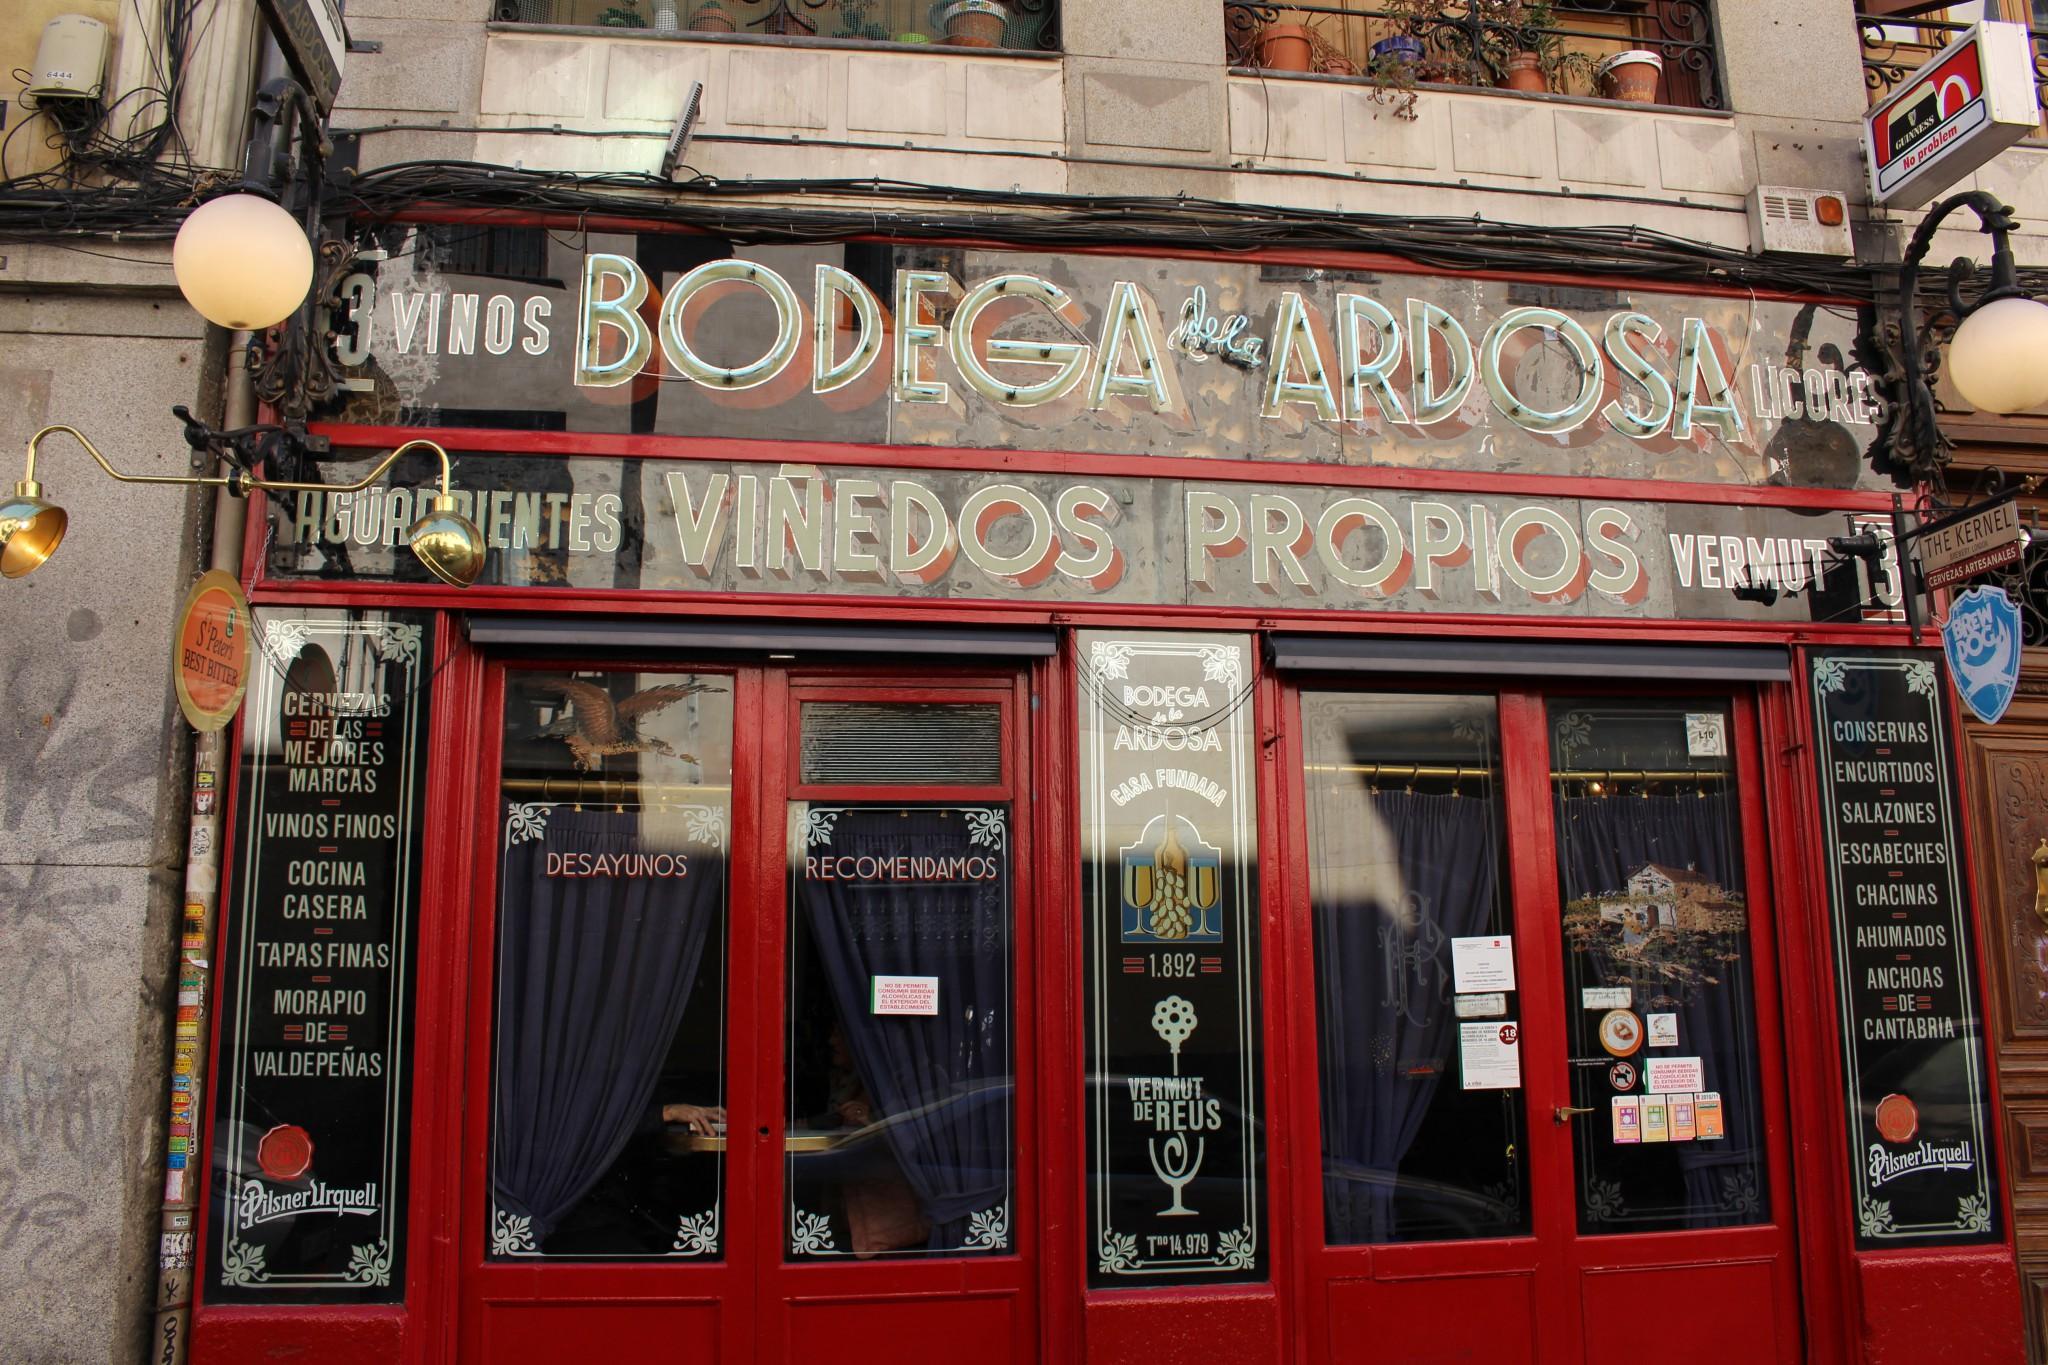 Taberna La Ardosa - Tabernas Centenarias Madrid